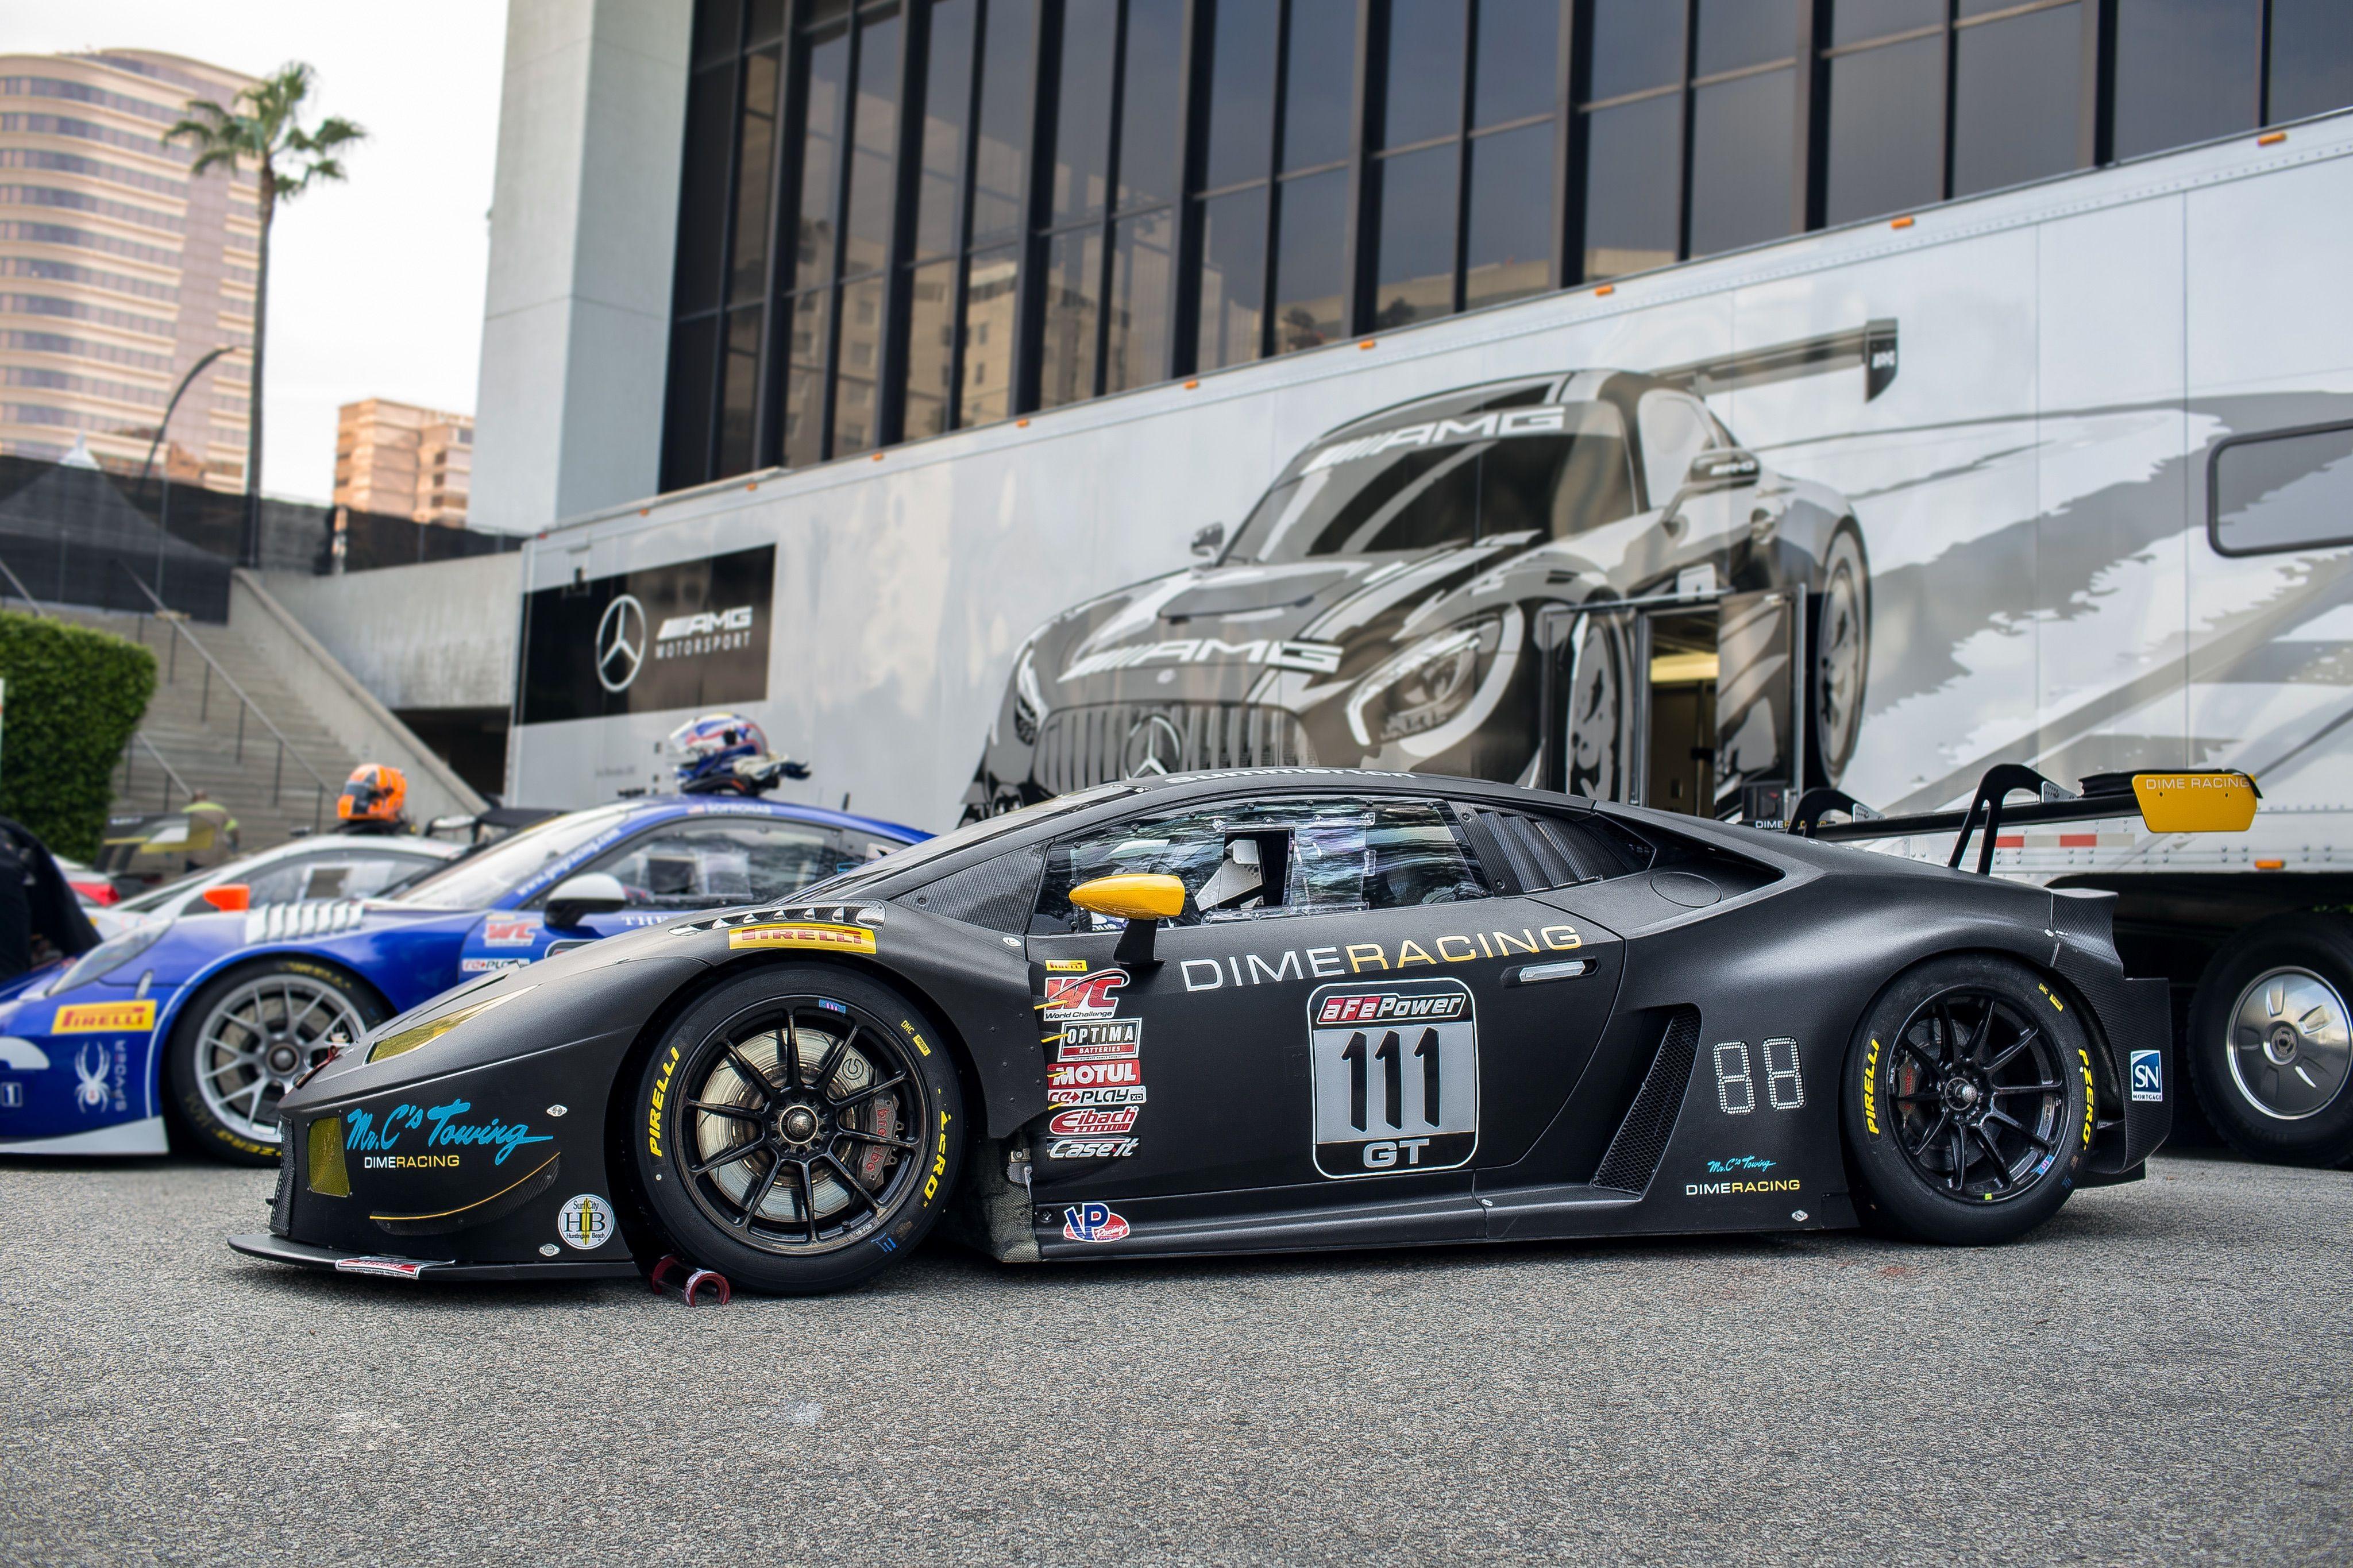 Lamborghini Huracan Gt3 Race Car From Dime Racing Www Dimeracing Com